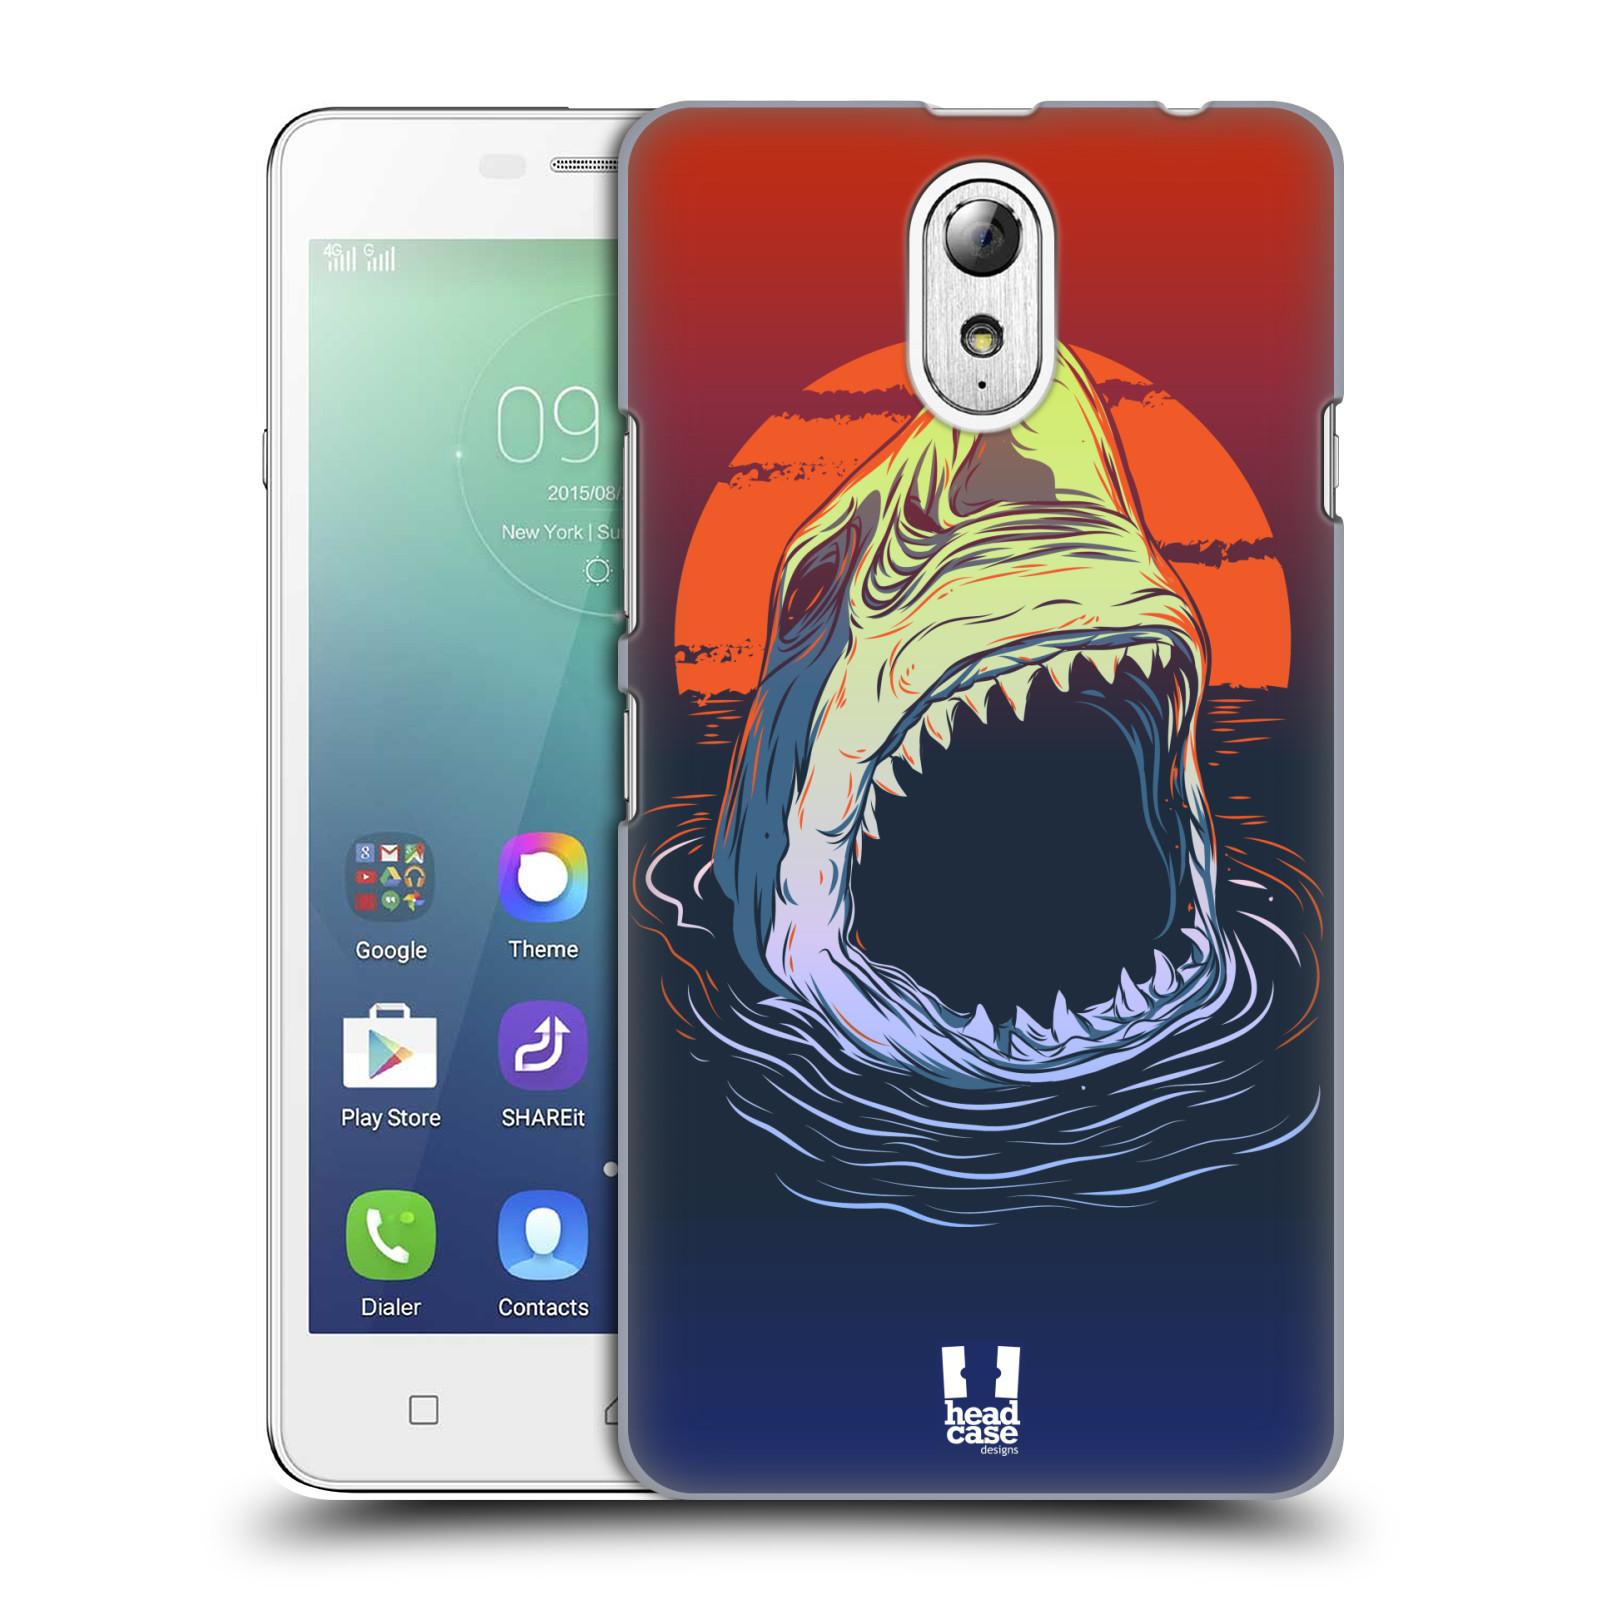 HEAD CASE pevný plastový obal na mobil LENOVO VIBE P1m / LENOVO VIBE p1m DUAL SIM vzor mořská monstra žralok